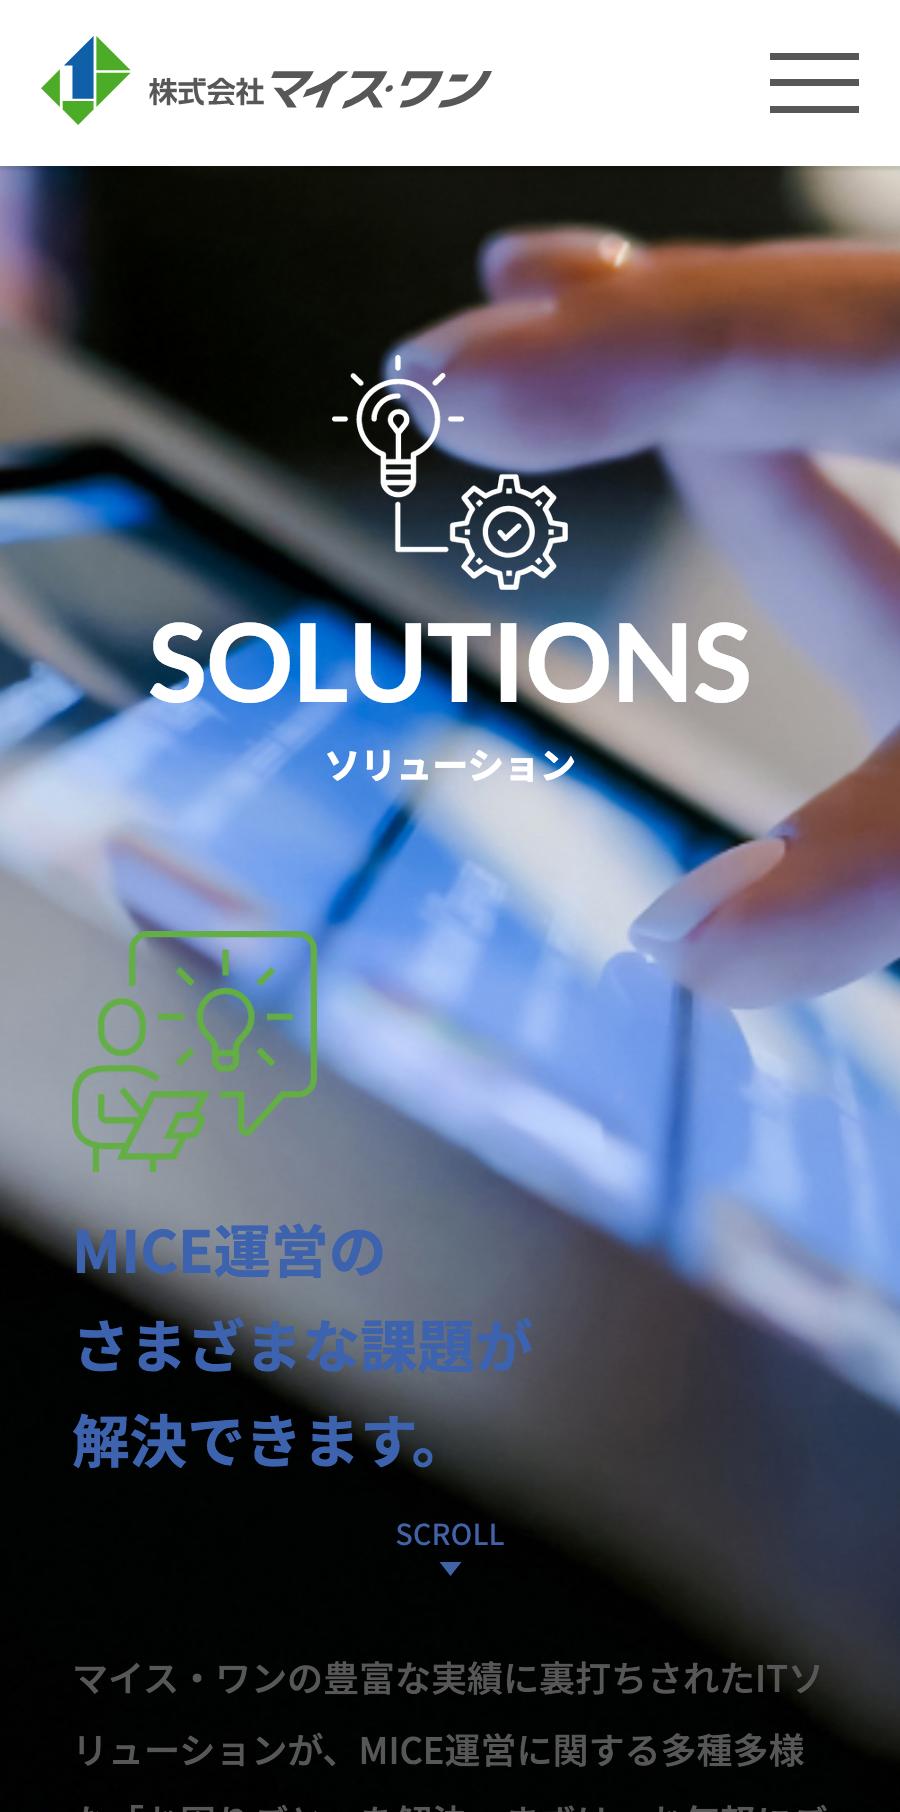 株式会社マイス・ワン様|コーポレートサイト/SP版「SOLUTION」ページ